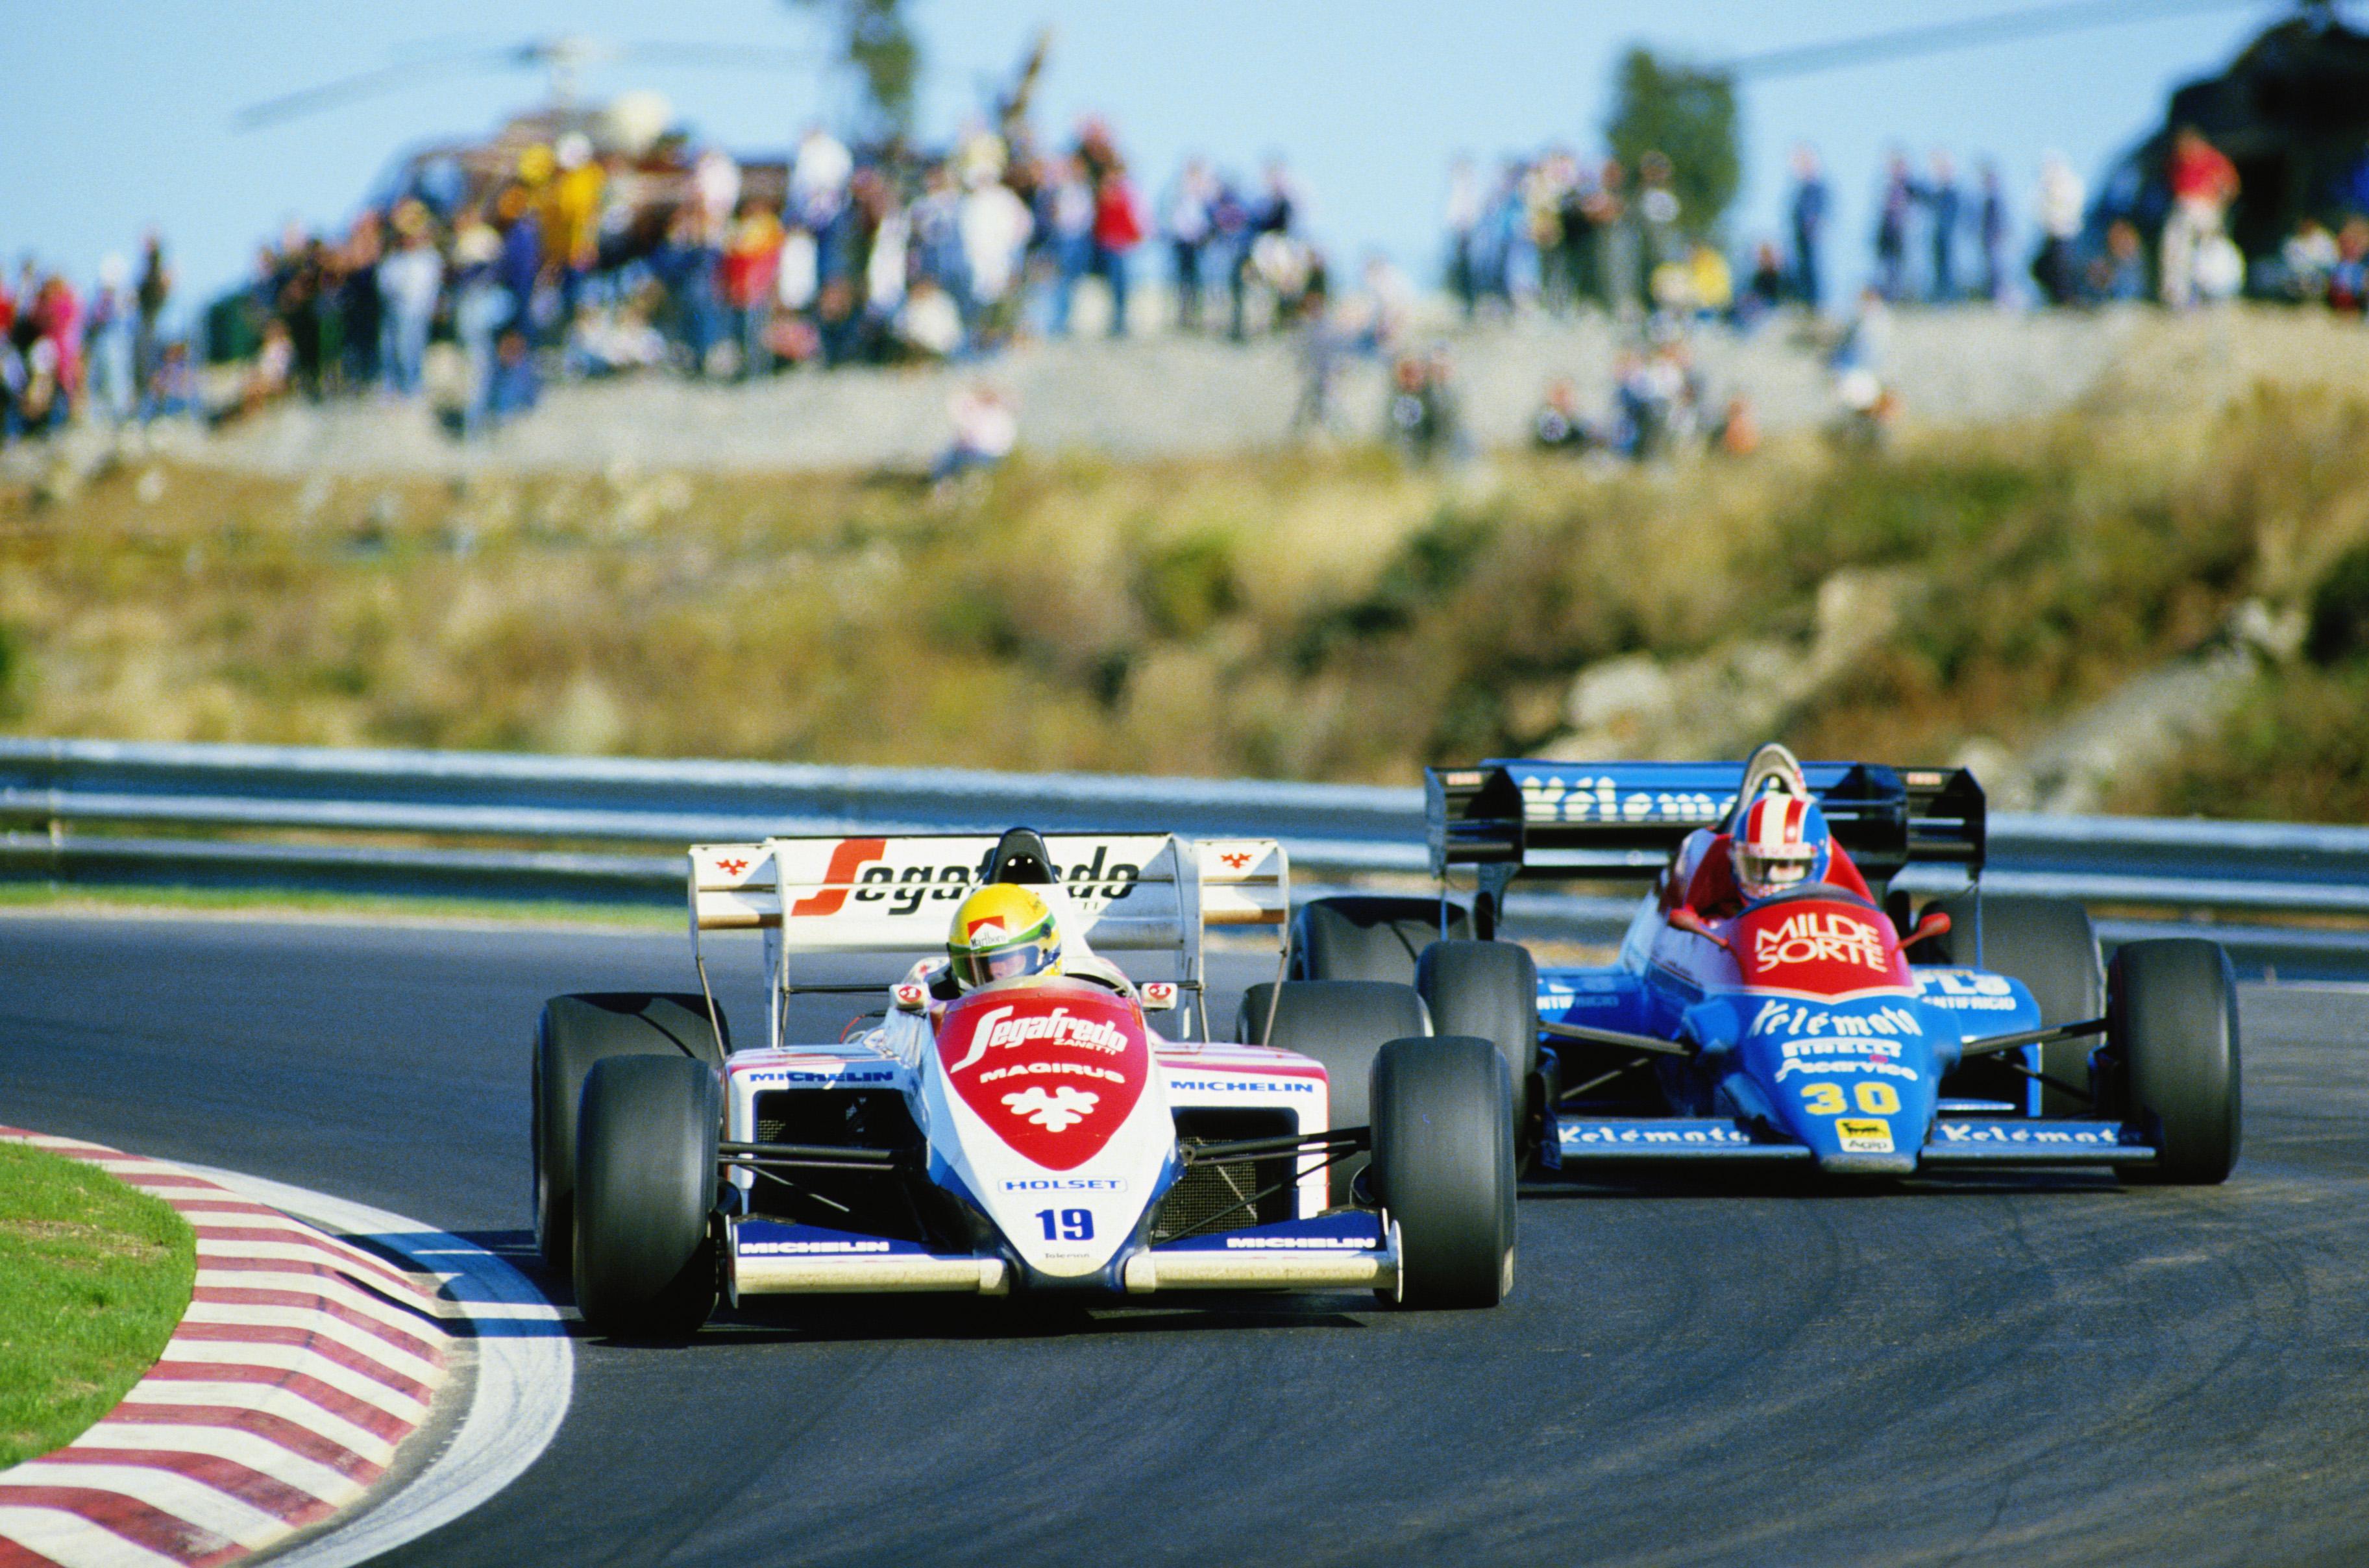 Equipe Toleman de Formula 1 de 1984 - by blogdaggoo.blogspot.com